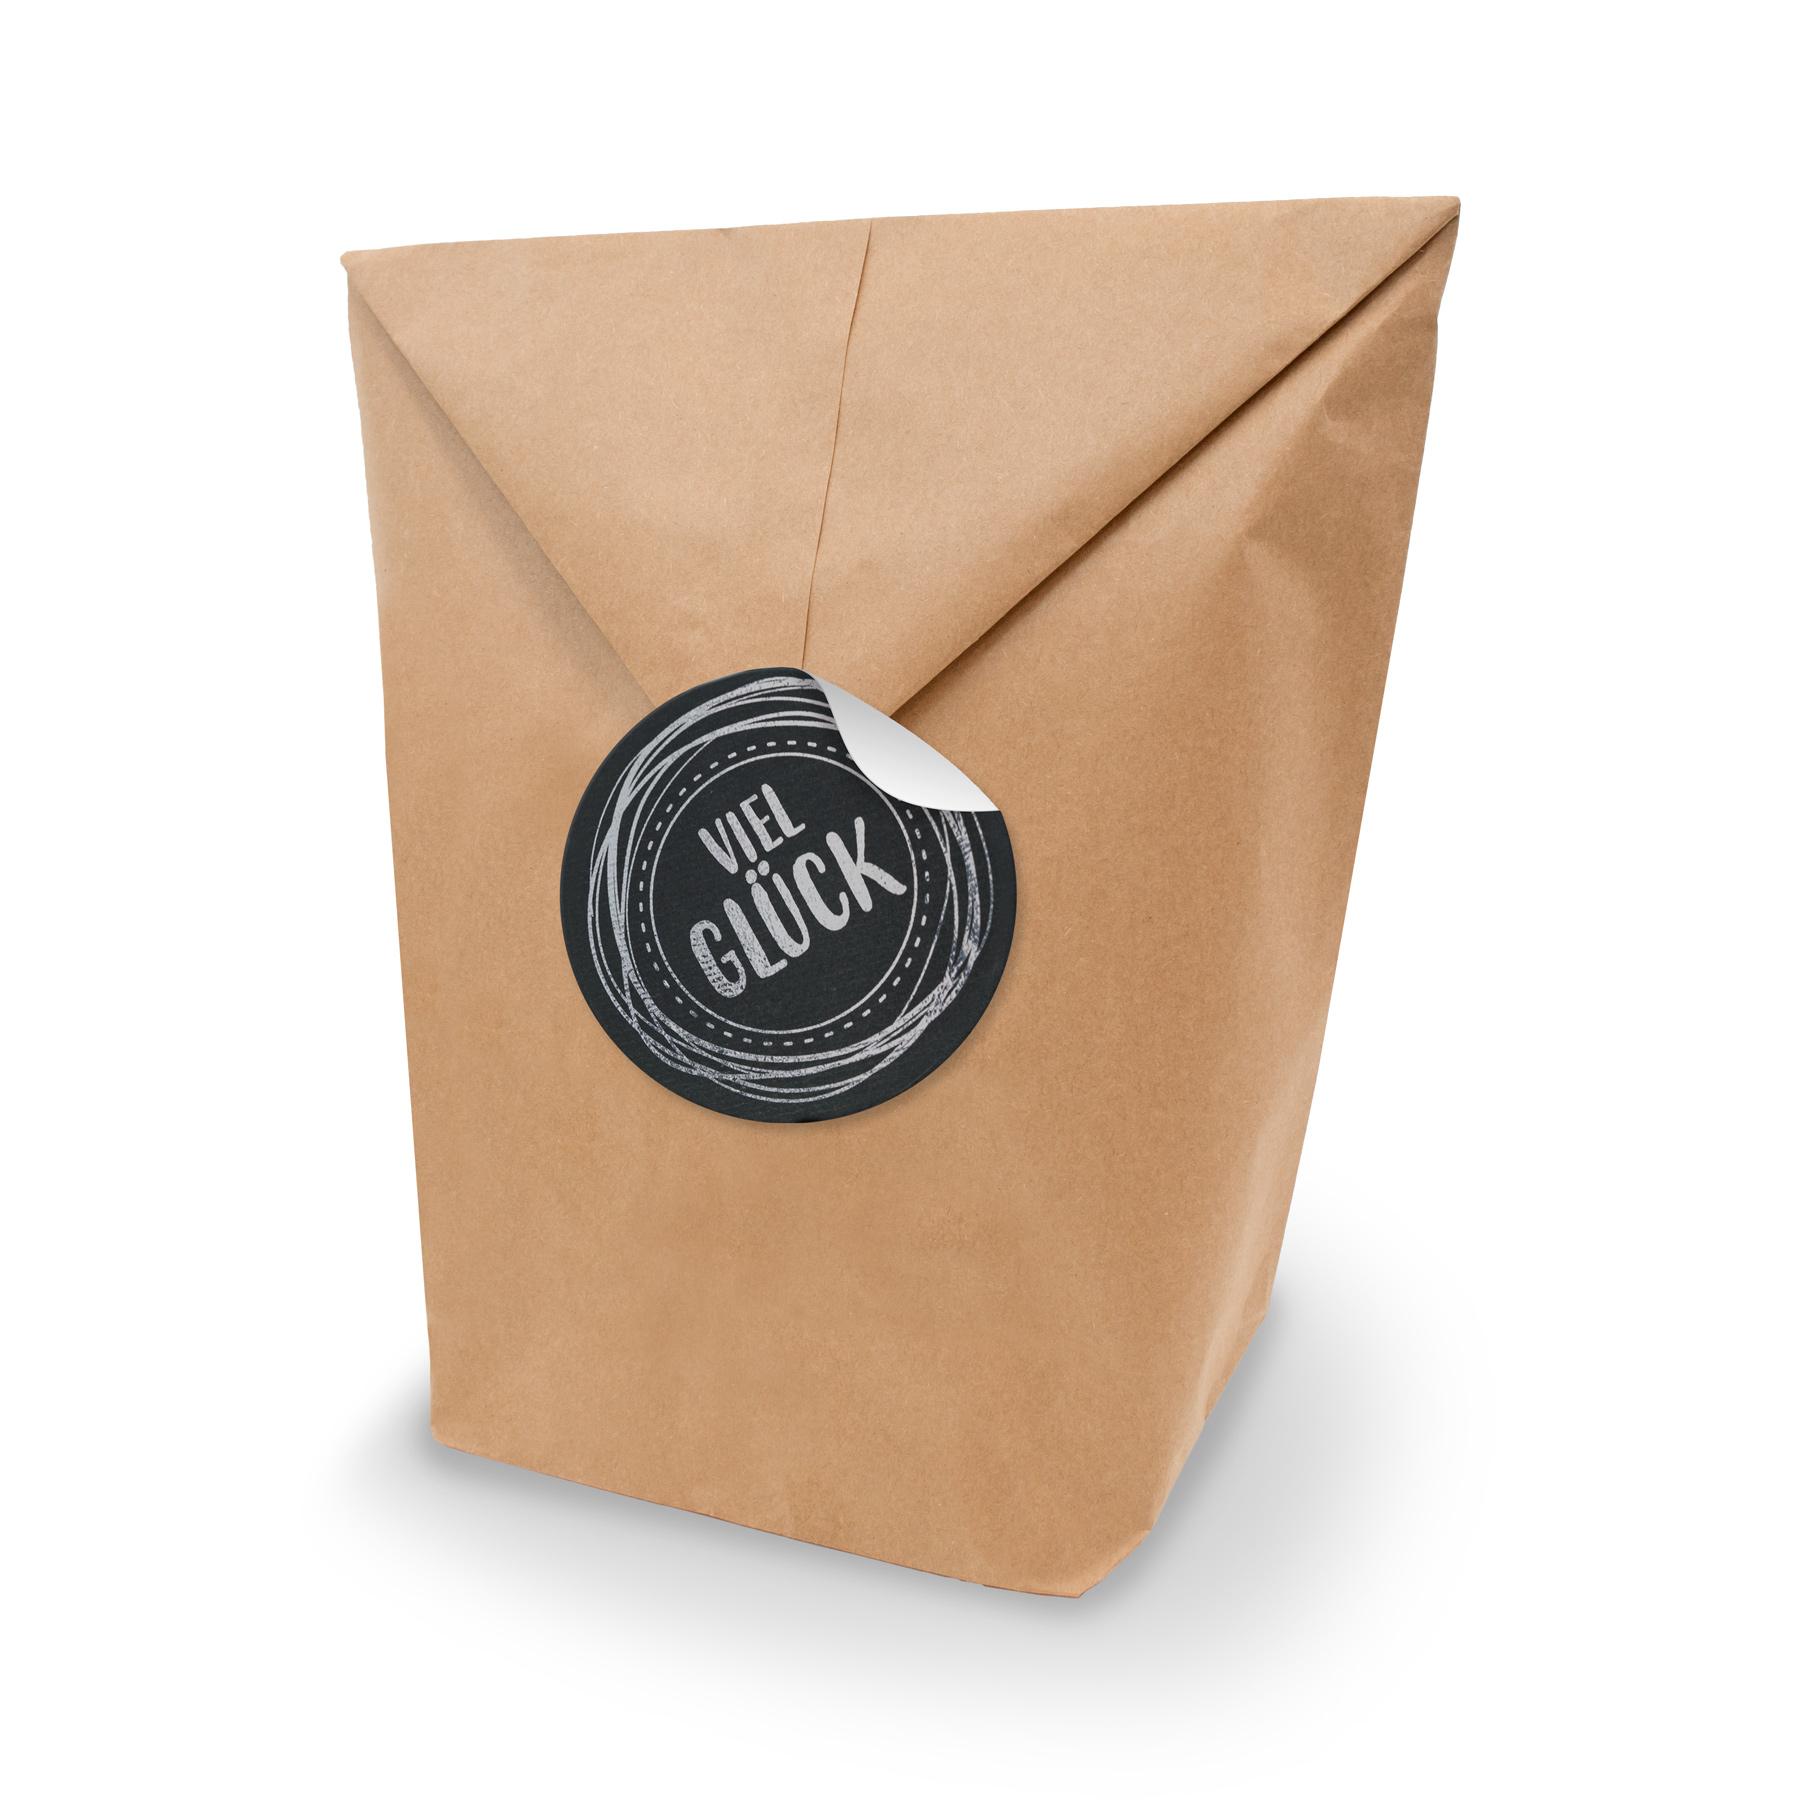 SET Viel Glück 10x Geschenktüten XL Kraftpapier + Aufkle...